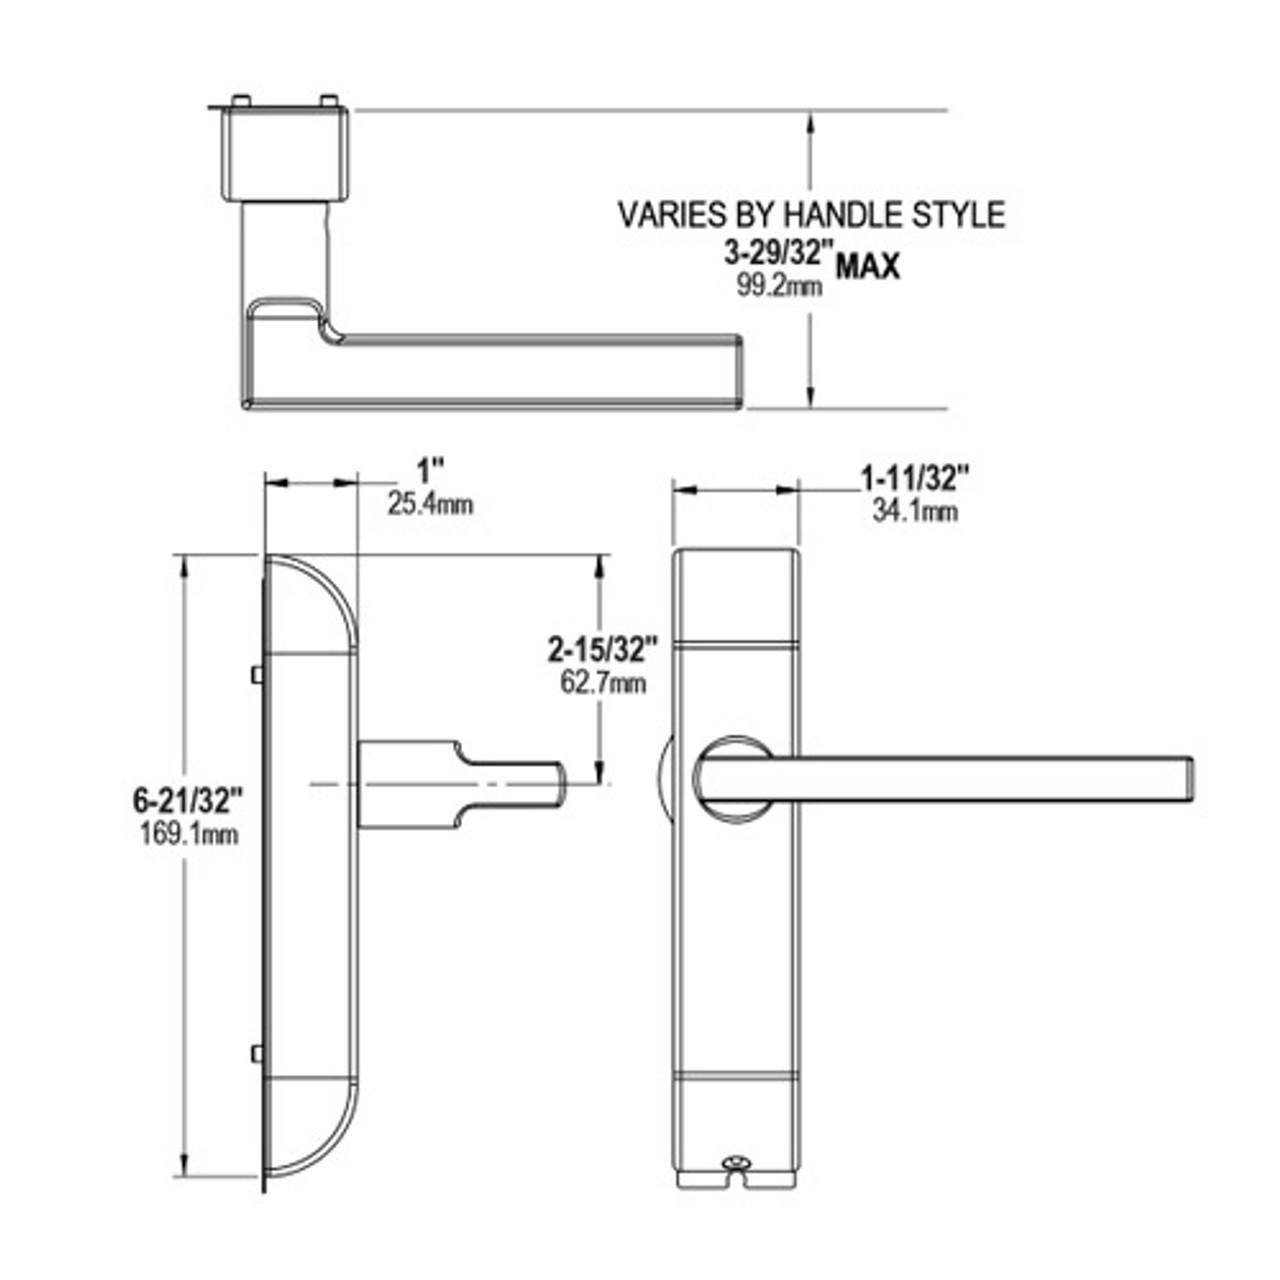 4600M-MG-532-US32D Adams Rite MG Designer handle Dimensional View